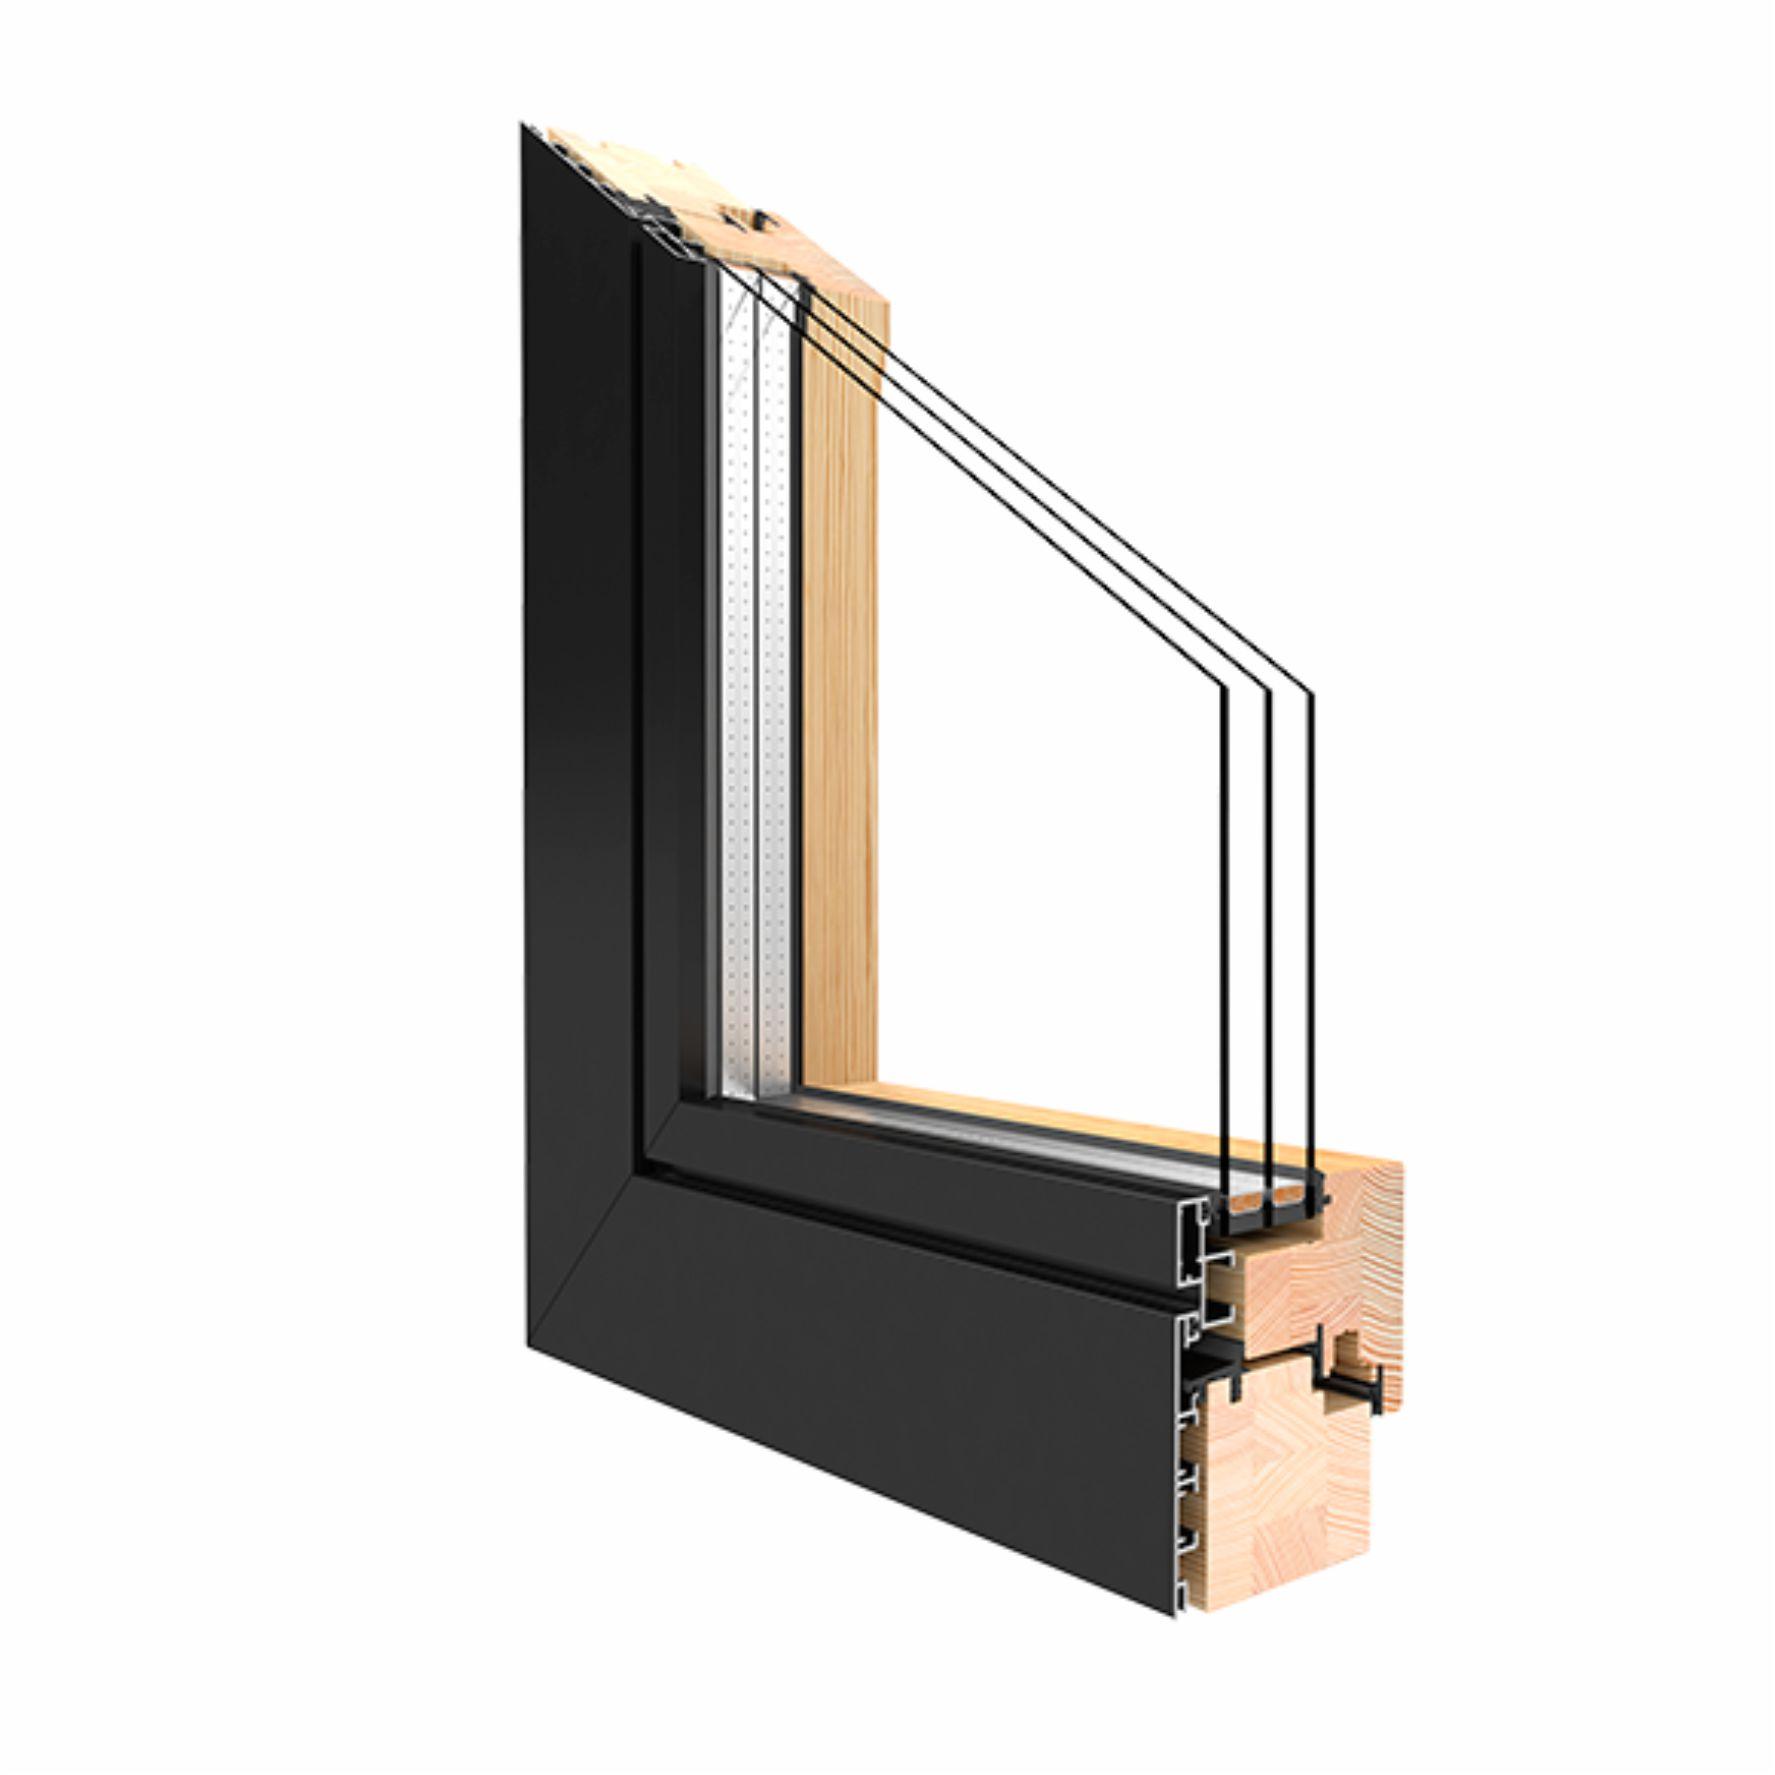 Holz alu fenster erfahrungen  Holz Alu Fenster Drutex Duoline 68 Kiefer Fenster alle Größen Shop ...